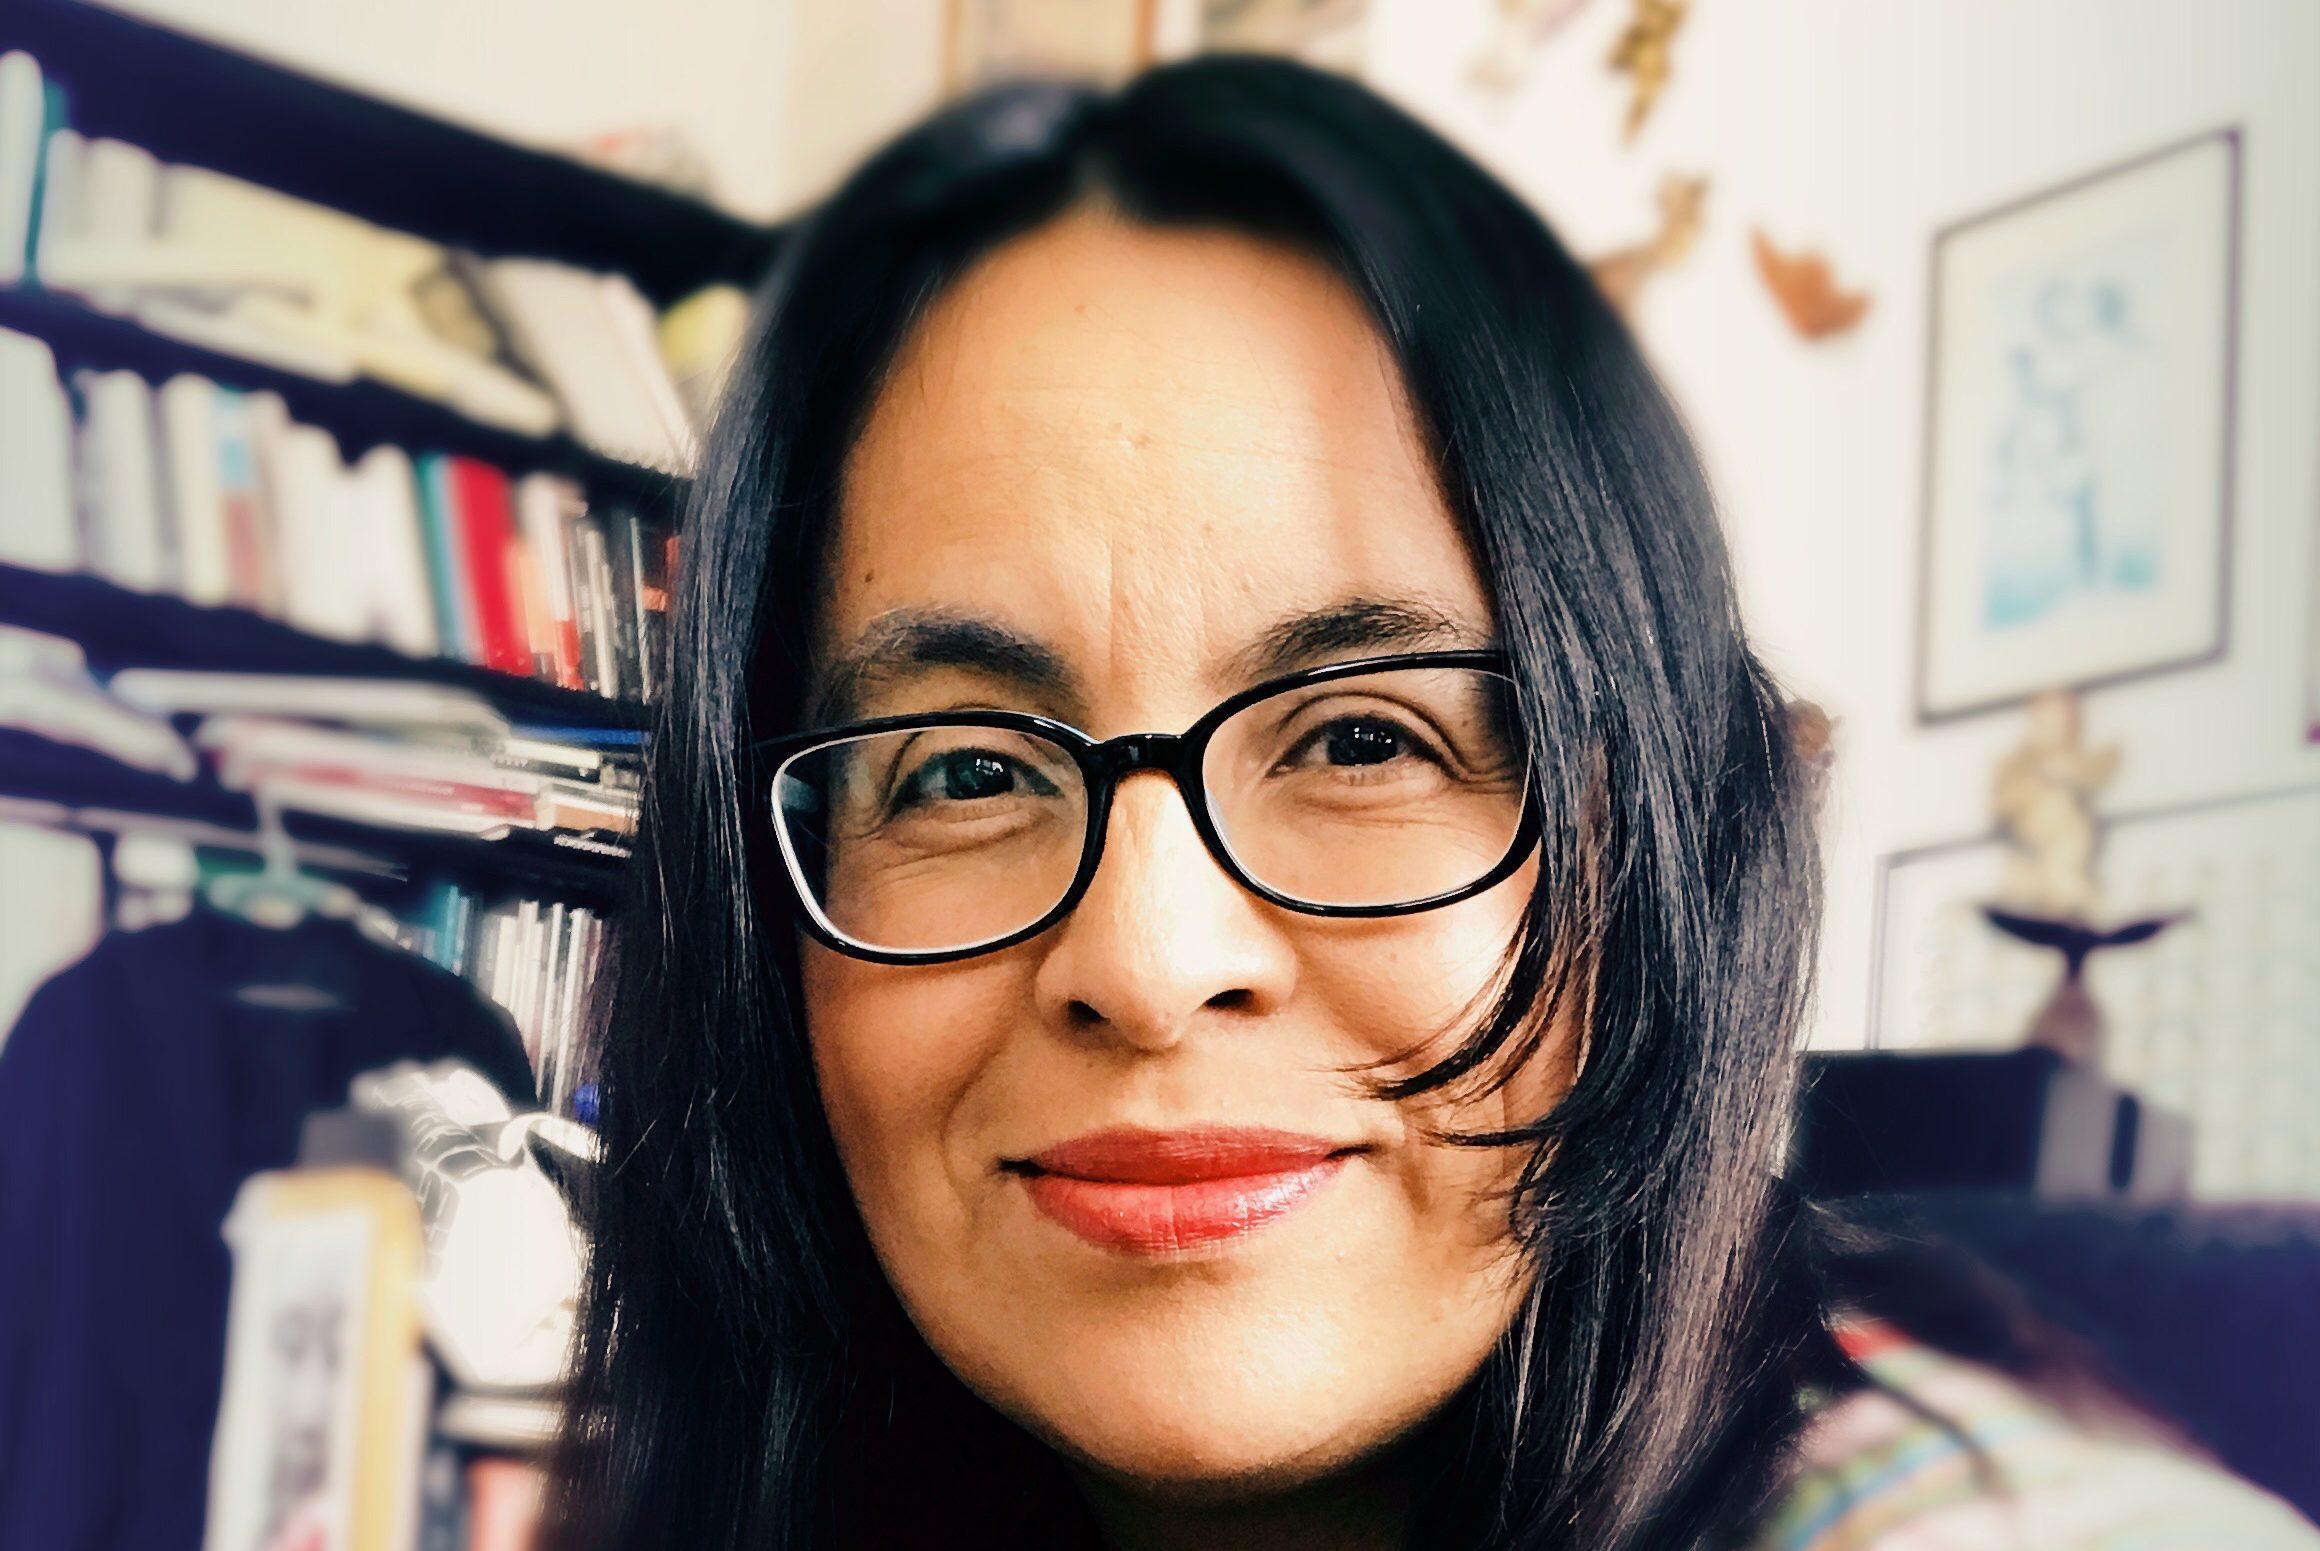 Mónica Mateos Vega